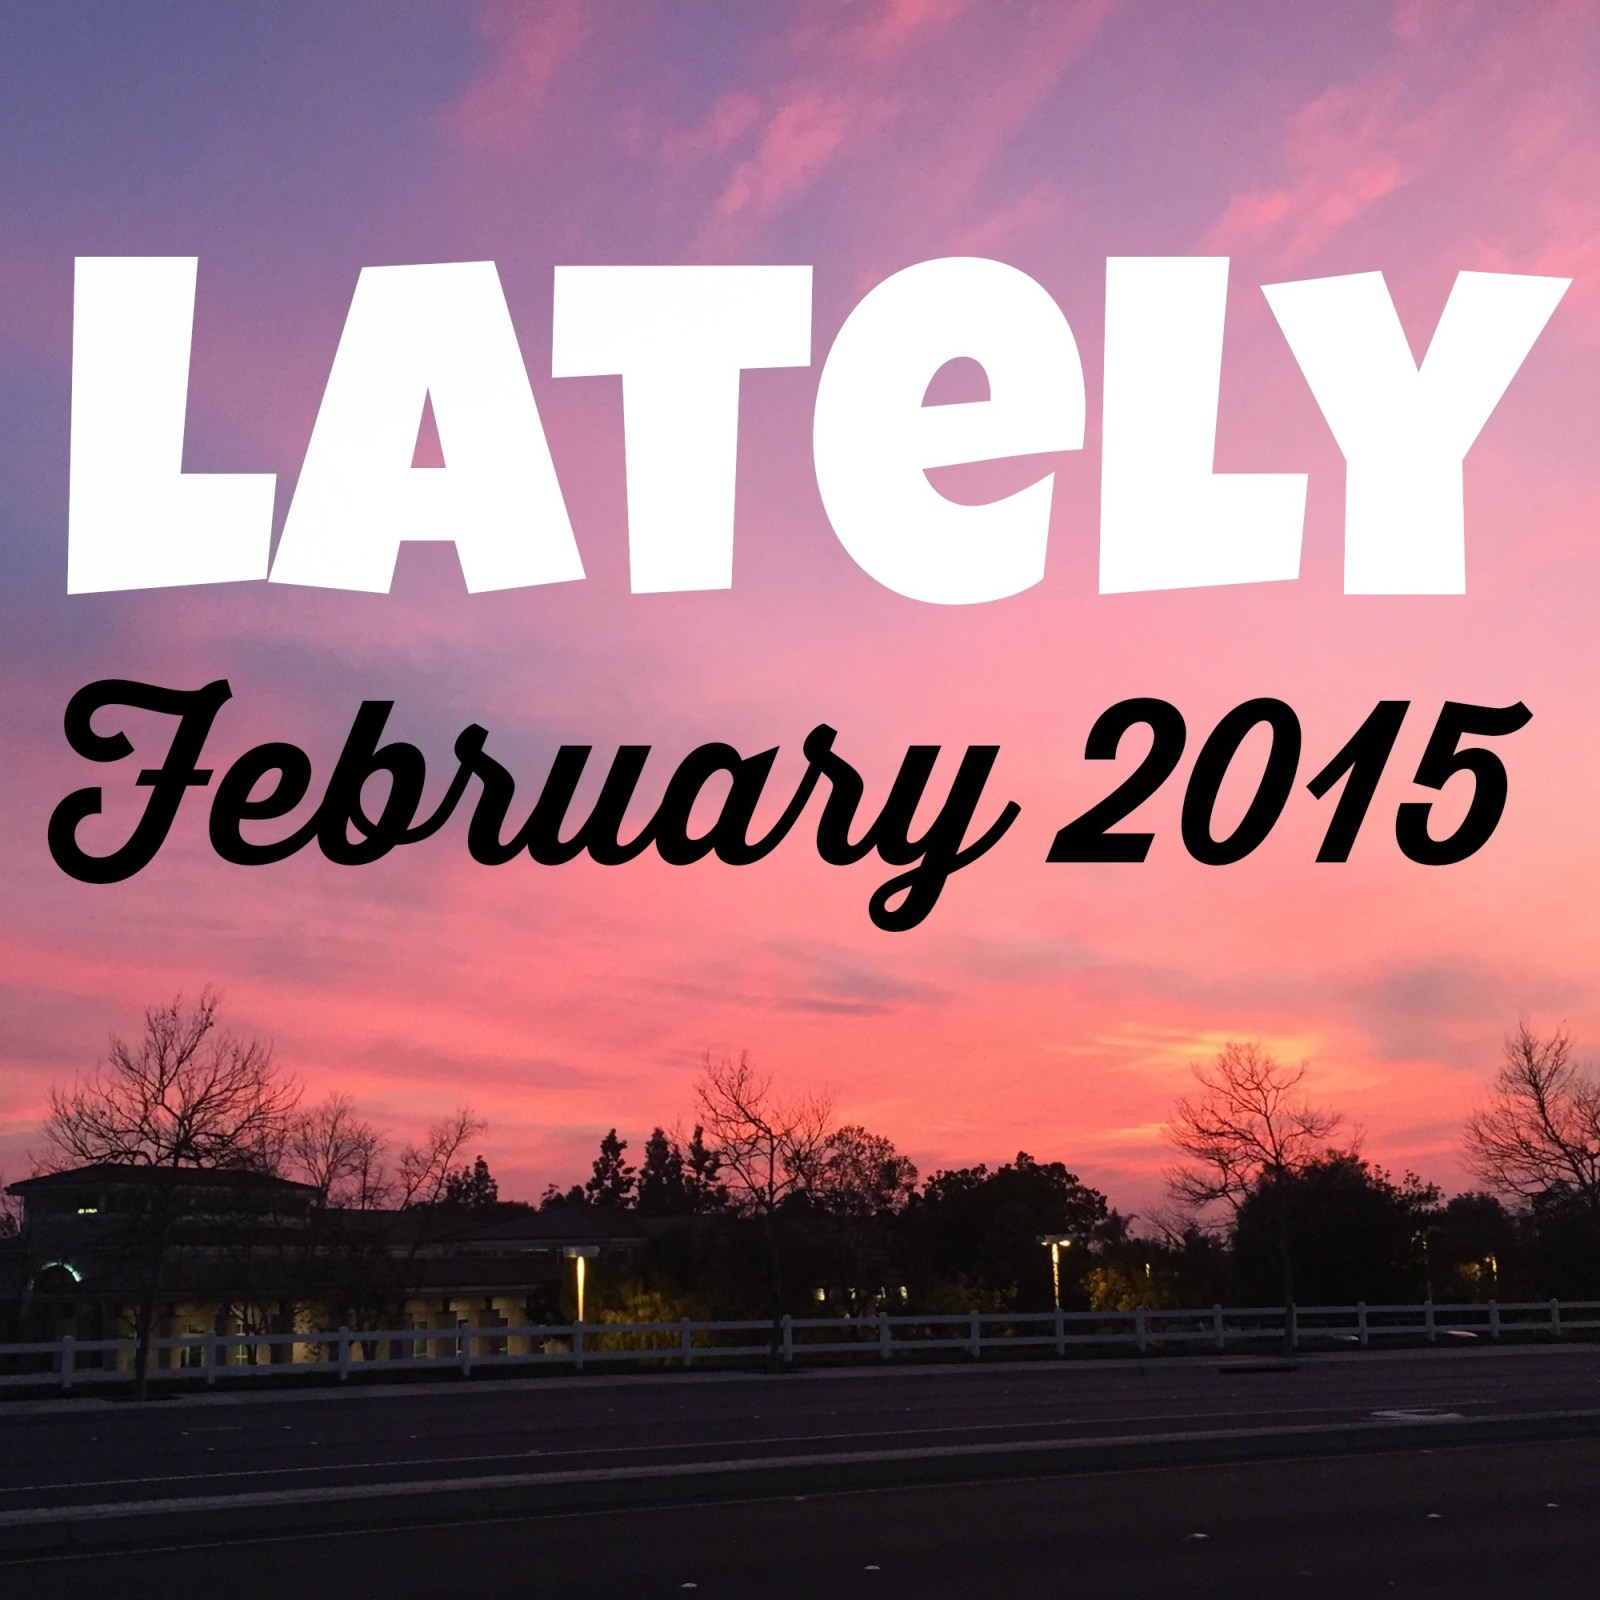 Lately // February 2015